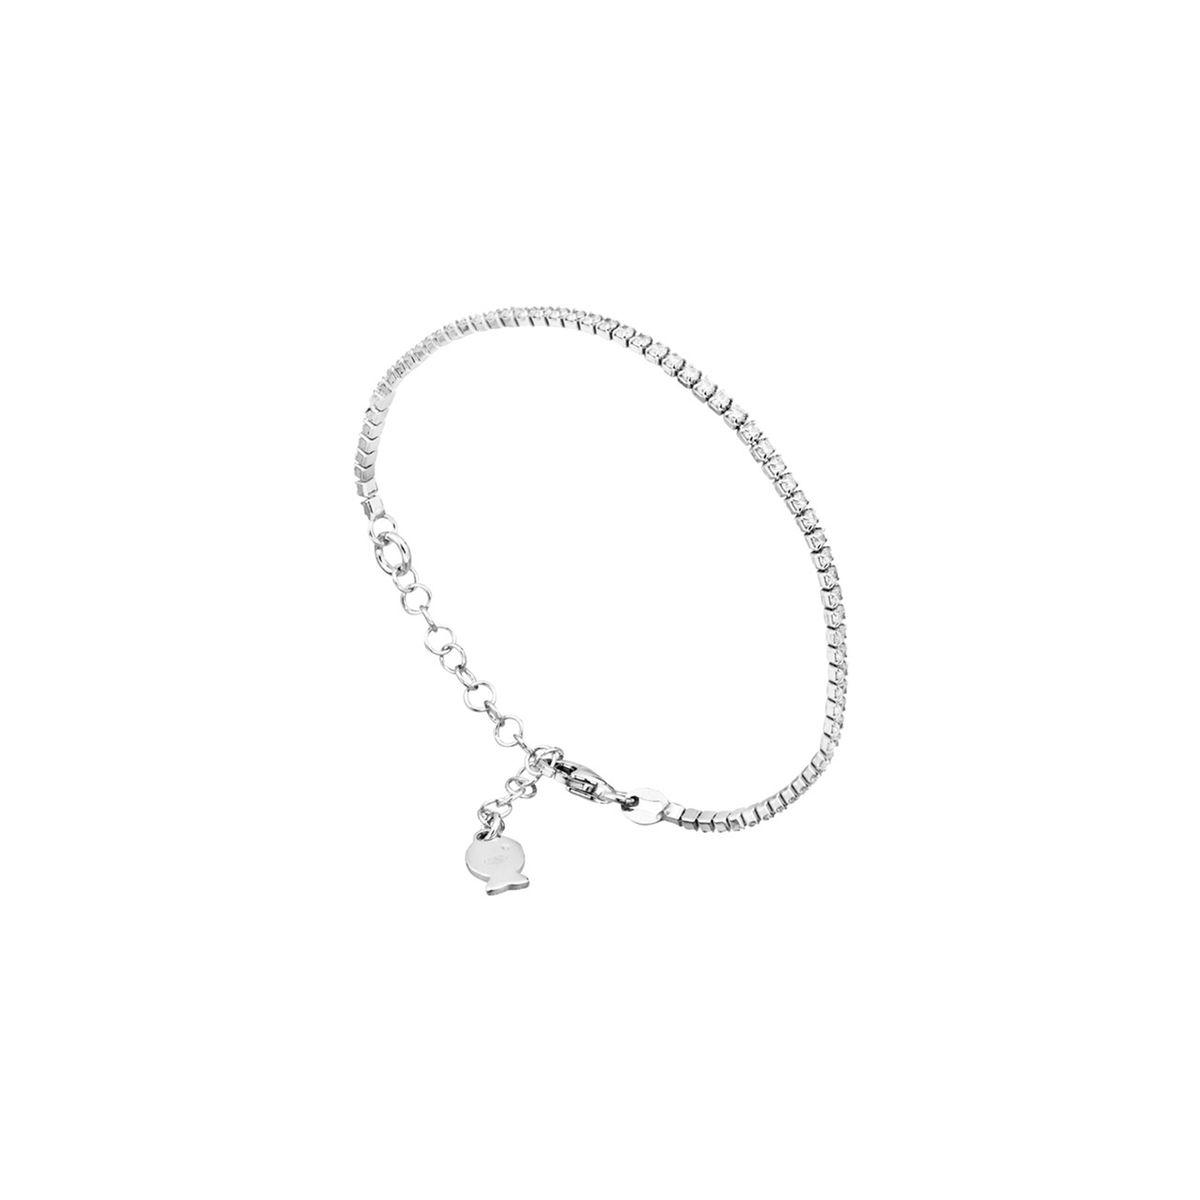 Bracelet Grace en argent 925, brillant, 3.5g